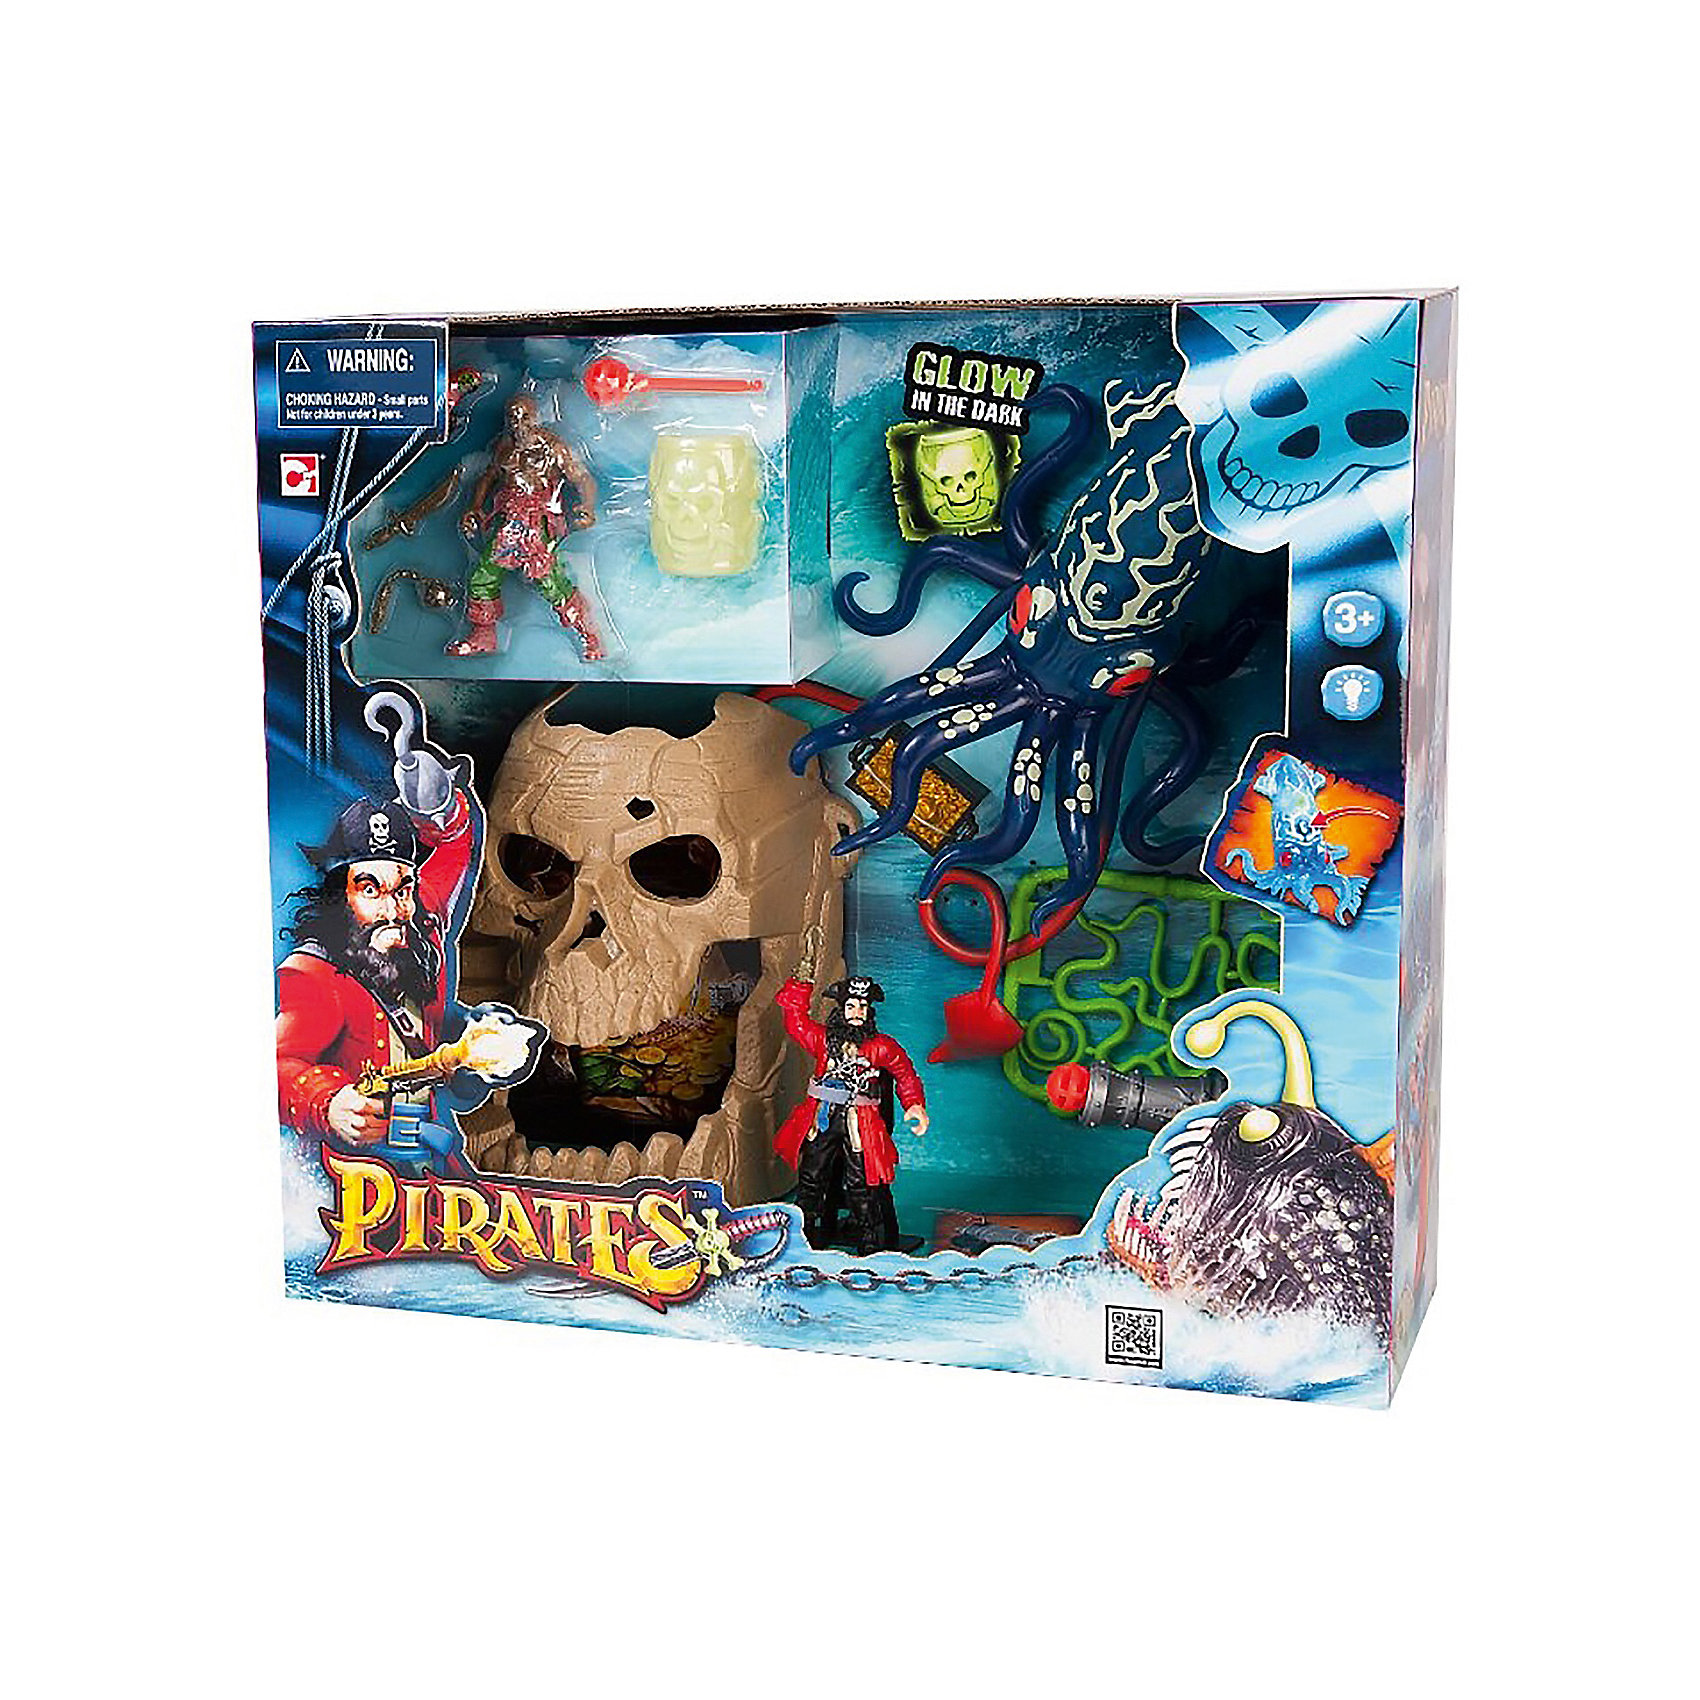 Набор Пираты. Битва с гигантским кальмаромИграть в пиратов любит практически каждый мальчишка. Сделать игру ярче и увлекательнее поможет игровой набор Пираты. Битва с гигантским кальмаром. Игрушки в нем отлично детализированы, в комплект входит пещера в форме черепа (с сокровищами), две фигурки пиратов, гигантский кальмар (может светиться), пушка, стреляющая ядрами, сундук с золотом, бочка, светящаяся в темноте, и оружие.                          <br>Этот набор обязательно порадует ребенка! Игры с ним помогают детям развивать воображение, логику, мелкую моторику и творческое мышление. Набор сделан из качественных и безопасных для ребенка материалов.<br><br>Дополнительная информация:<br><br>цвет: разноцветный;<br>размер: 42 х 13 х 38 см;<br>вес: 700 г;<br>батарейки: 3хAG13 (входят в набор);  <br>материал: пластик;<br>комплектация: пещера, две фигурки пиратов, гигантский кальмар, пушка, сундук, бочка и оружие.<br><br>Набор Пираты. Битва с гигантским кальмаром можно купить в нашем магазине.<br><br>Ширина мм: 50<br>Глубина мм: 20<br>Высота мм: 50<br>Вес г: 700<br>Возраст от месяцев: 36<br>Возраст до месяцев: 120<br>Пол: Мужской<br>Возраст: Детский<br>SKU: 4918678